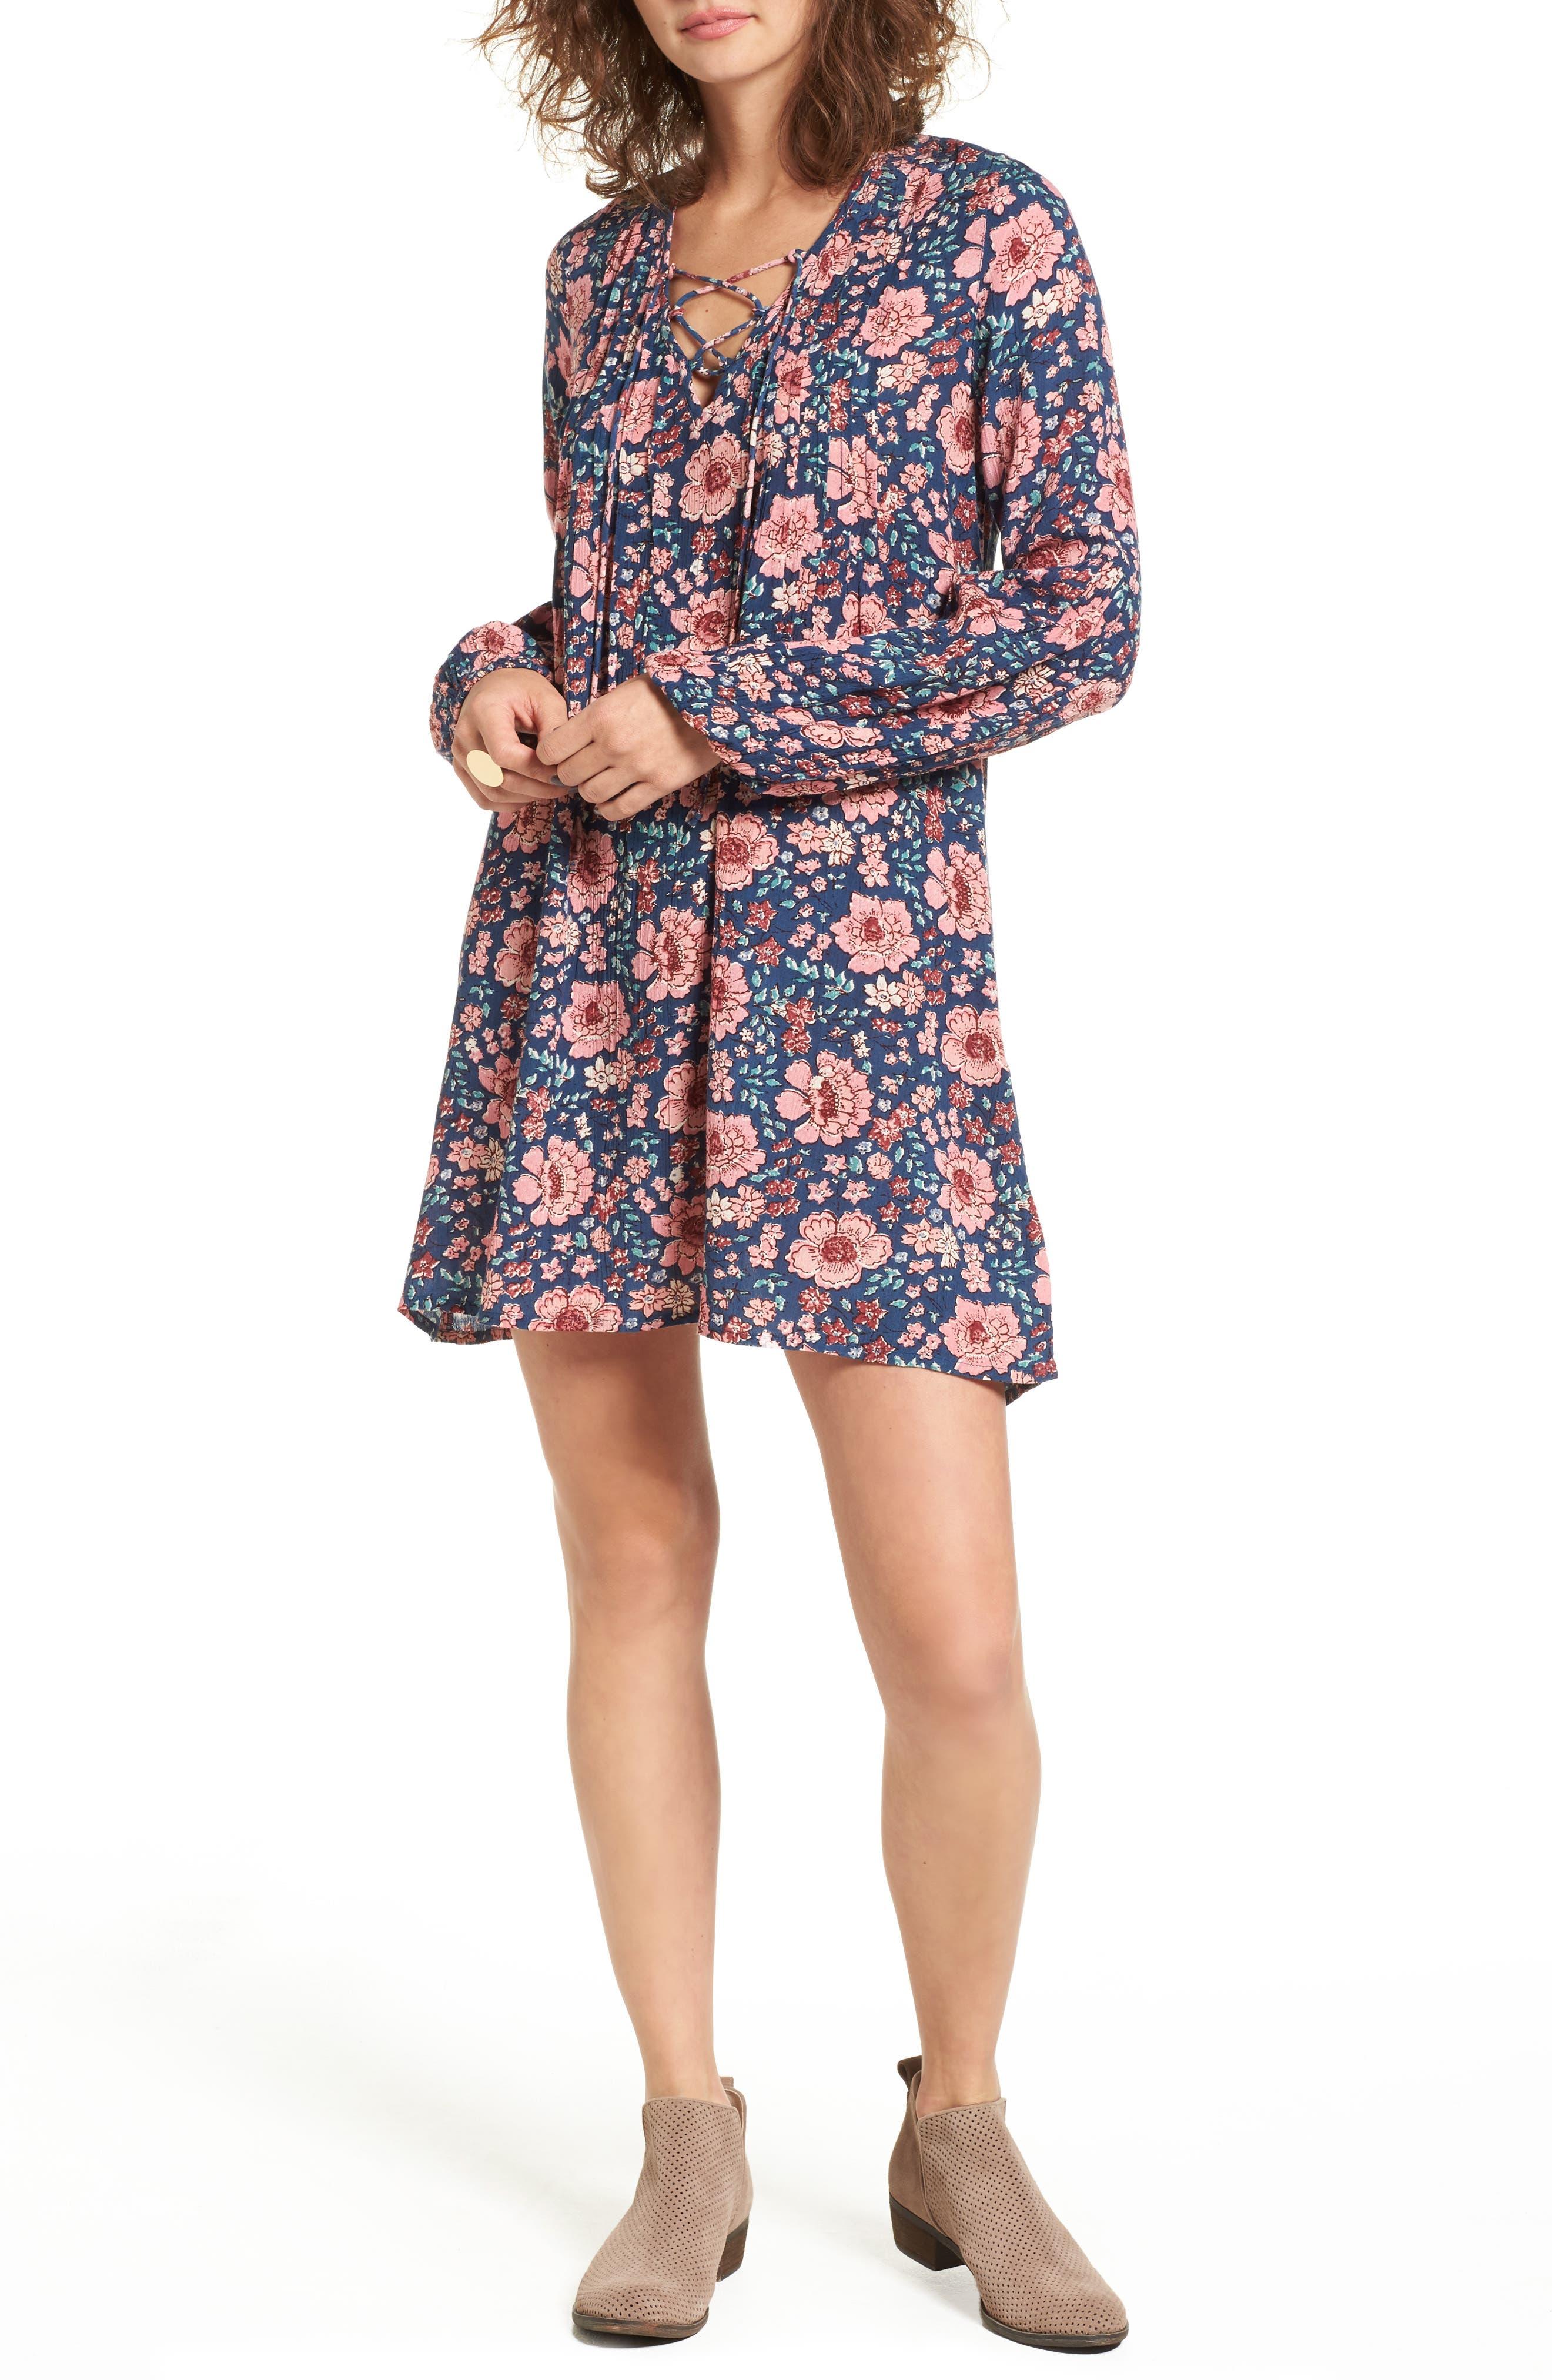 BILLABONG Just Like Us Lace-Up Shift Dress